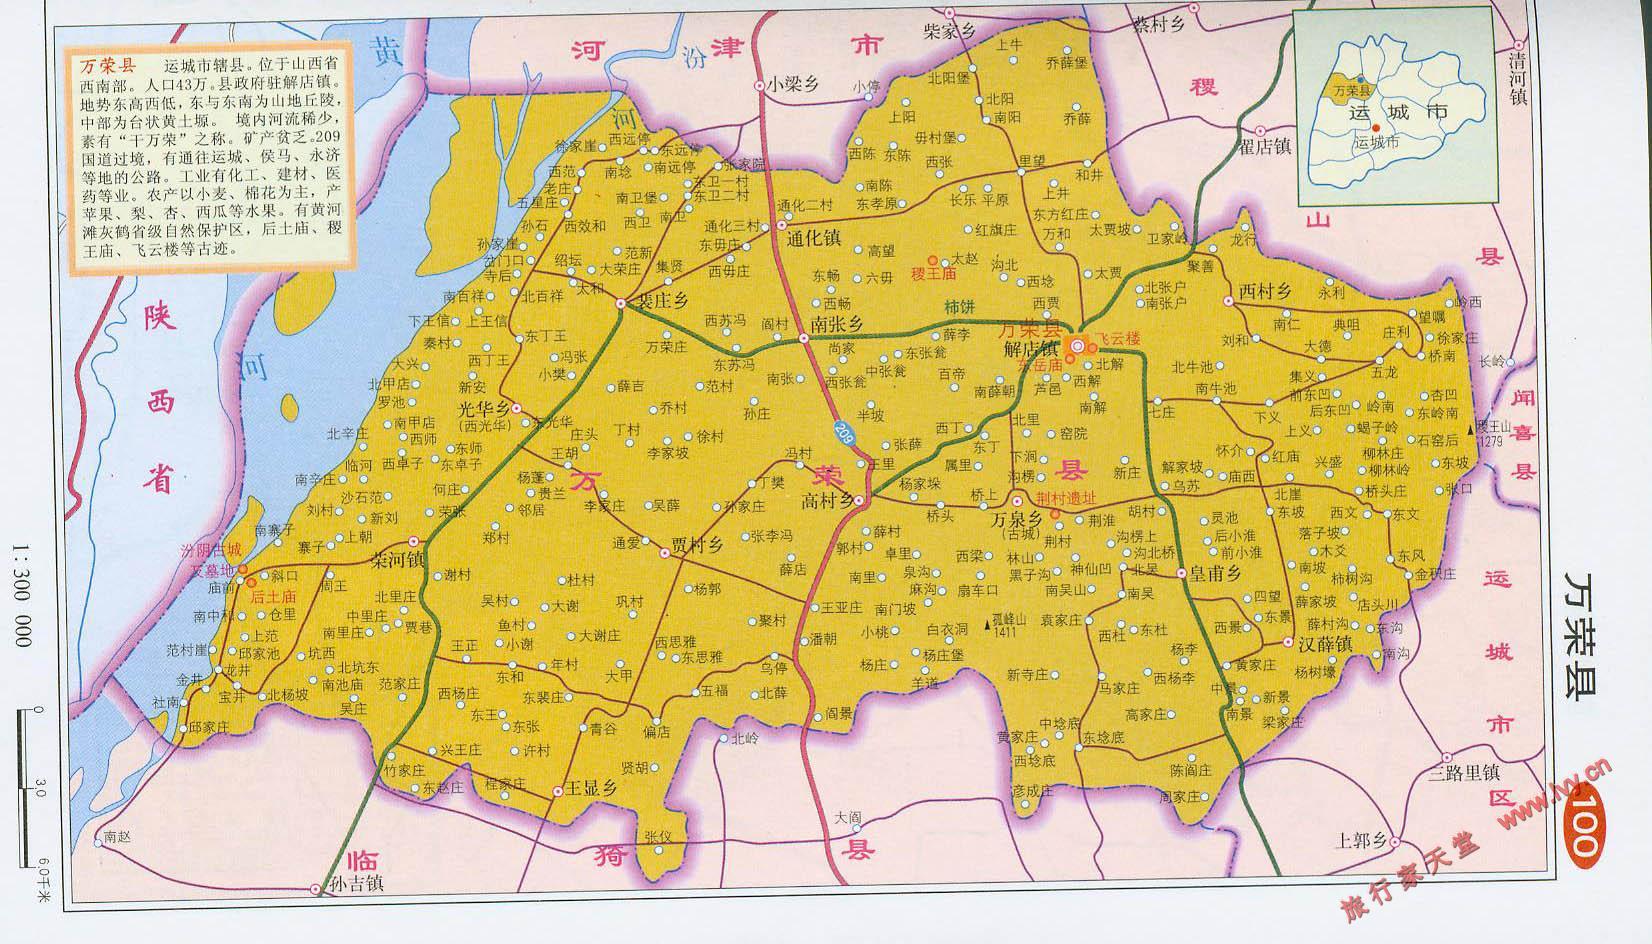 地图查询 中国 山西 运城市